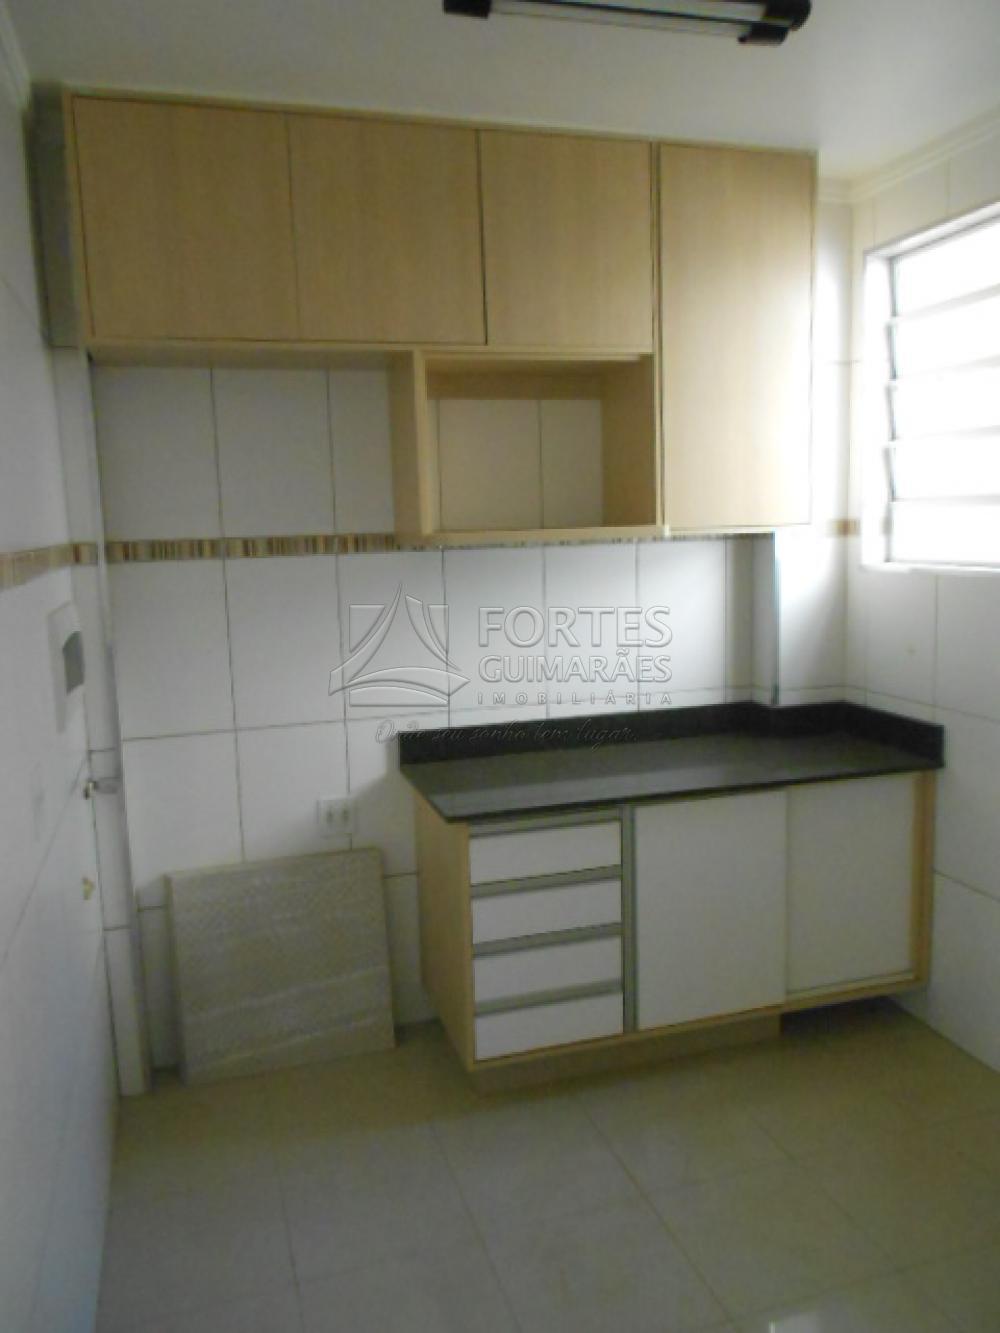 Alugar Apartamentos / Cobertura em Ribeirão Preto apenas R$ 1.000,00 - Foto 39